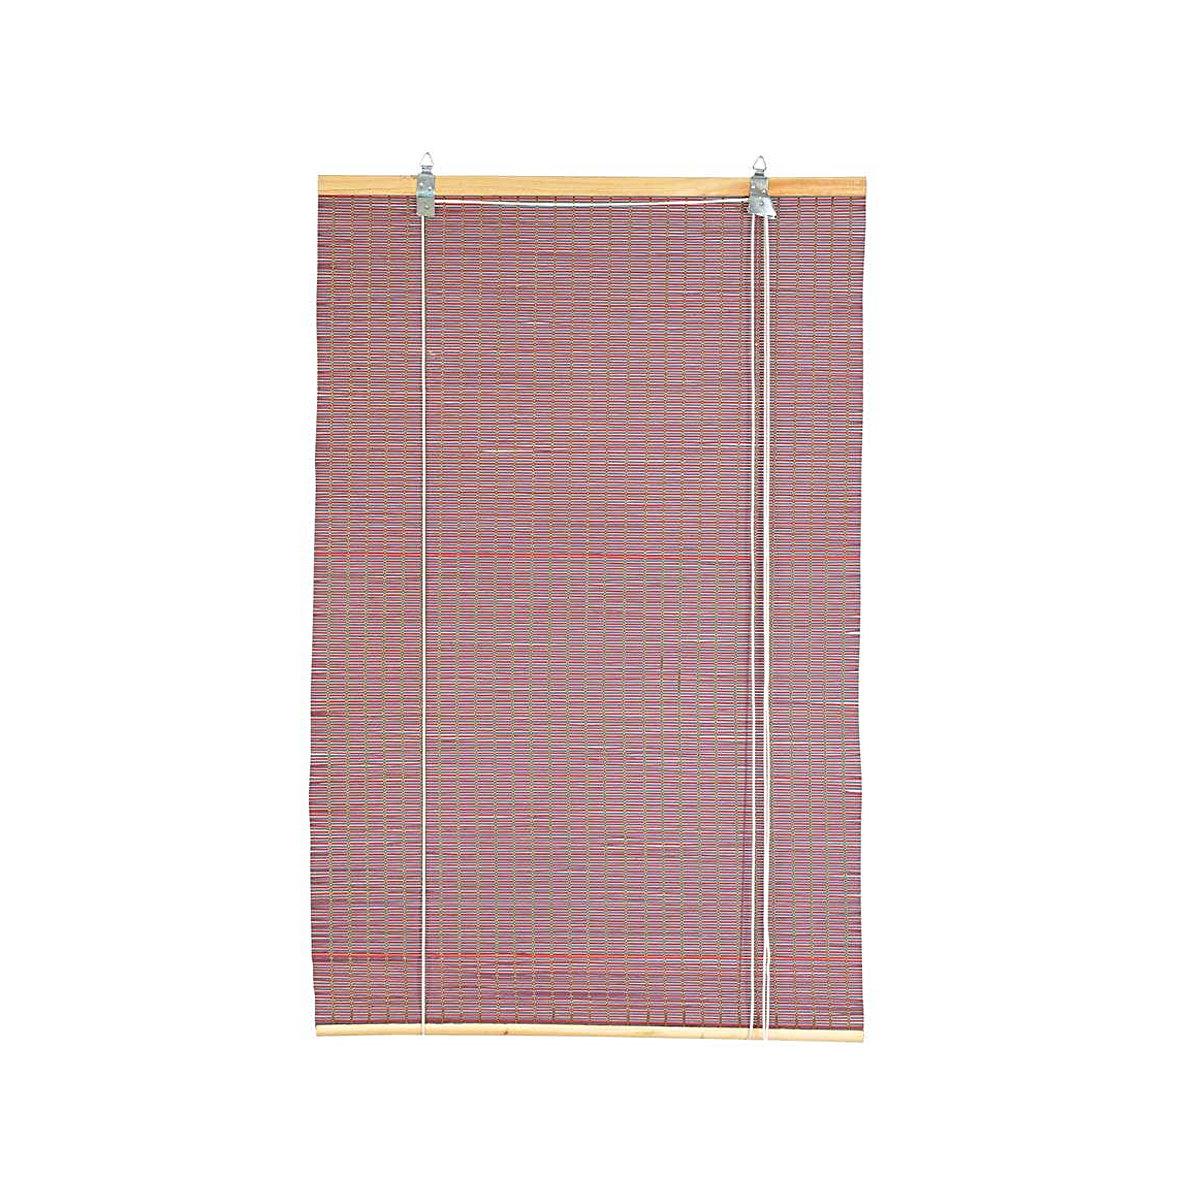 Жалюзи плетеные VERDEMAX 1,2x2,5м ива сиреневый розовый